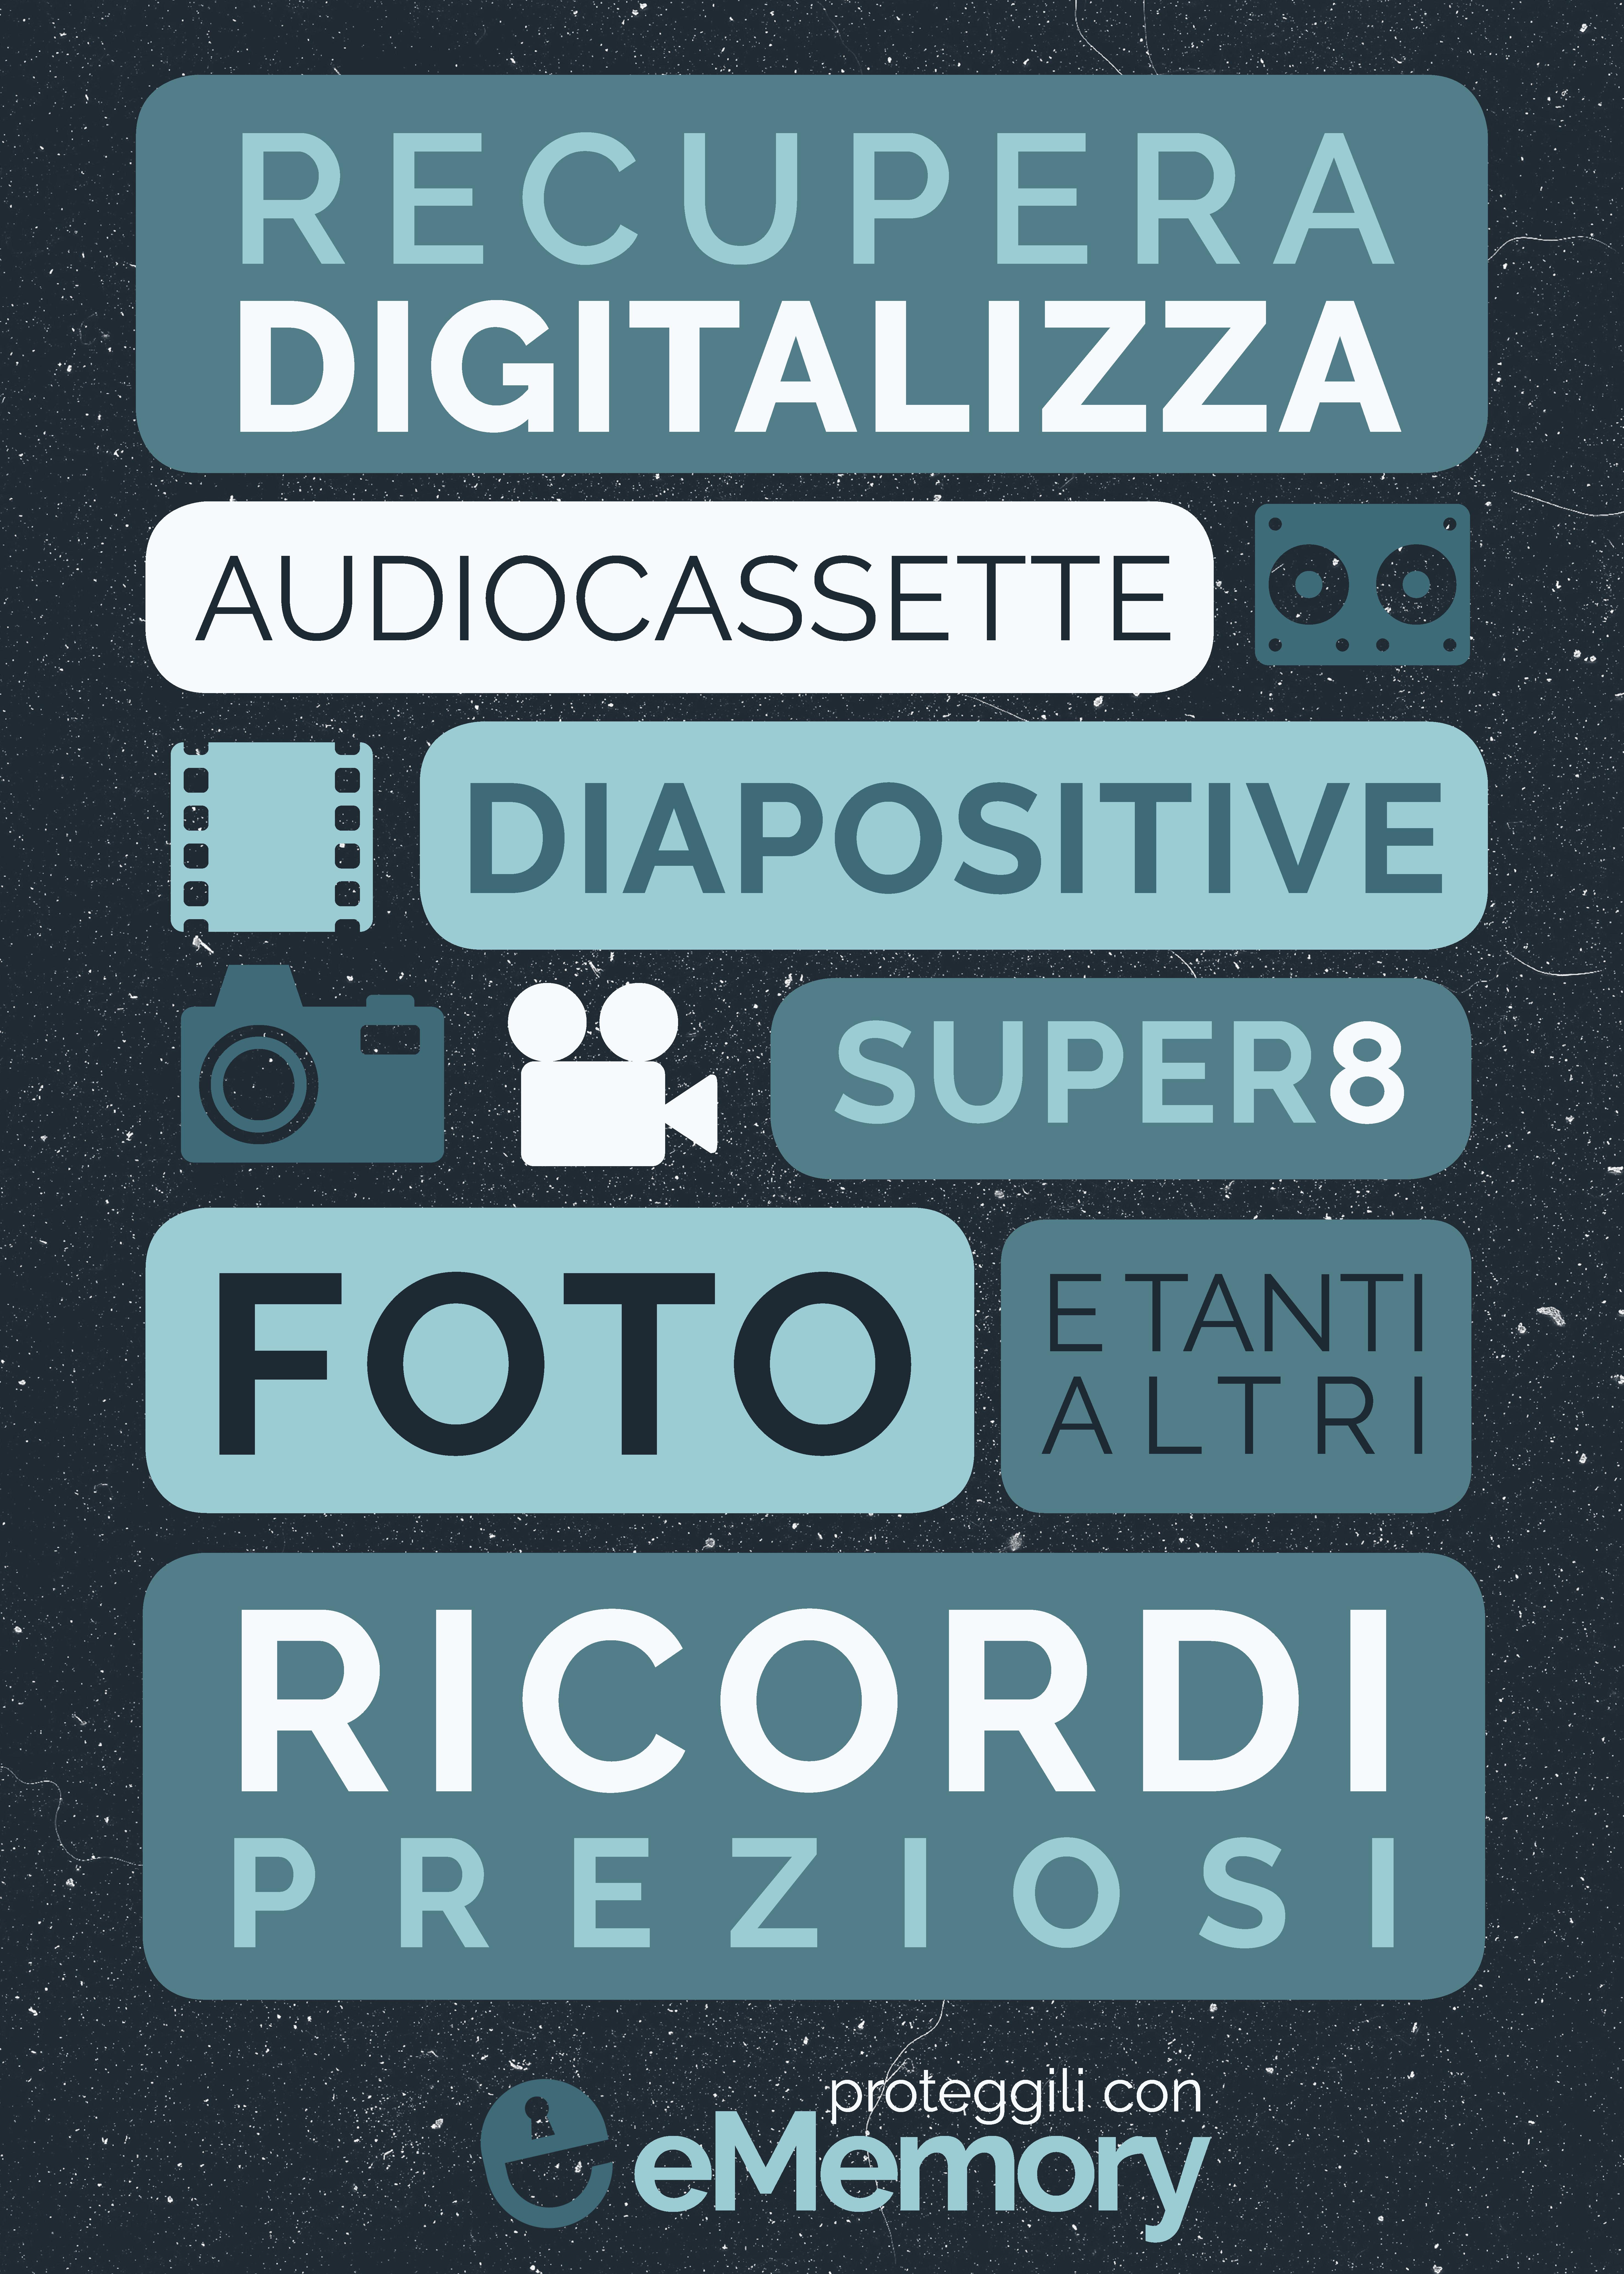 Recupera e digitalizza foto, diapositive, Super8, audiocassette e tanti altri ricordi preziosi. Proteggili con eMemory